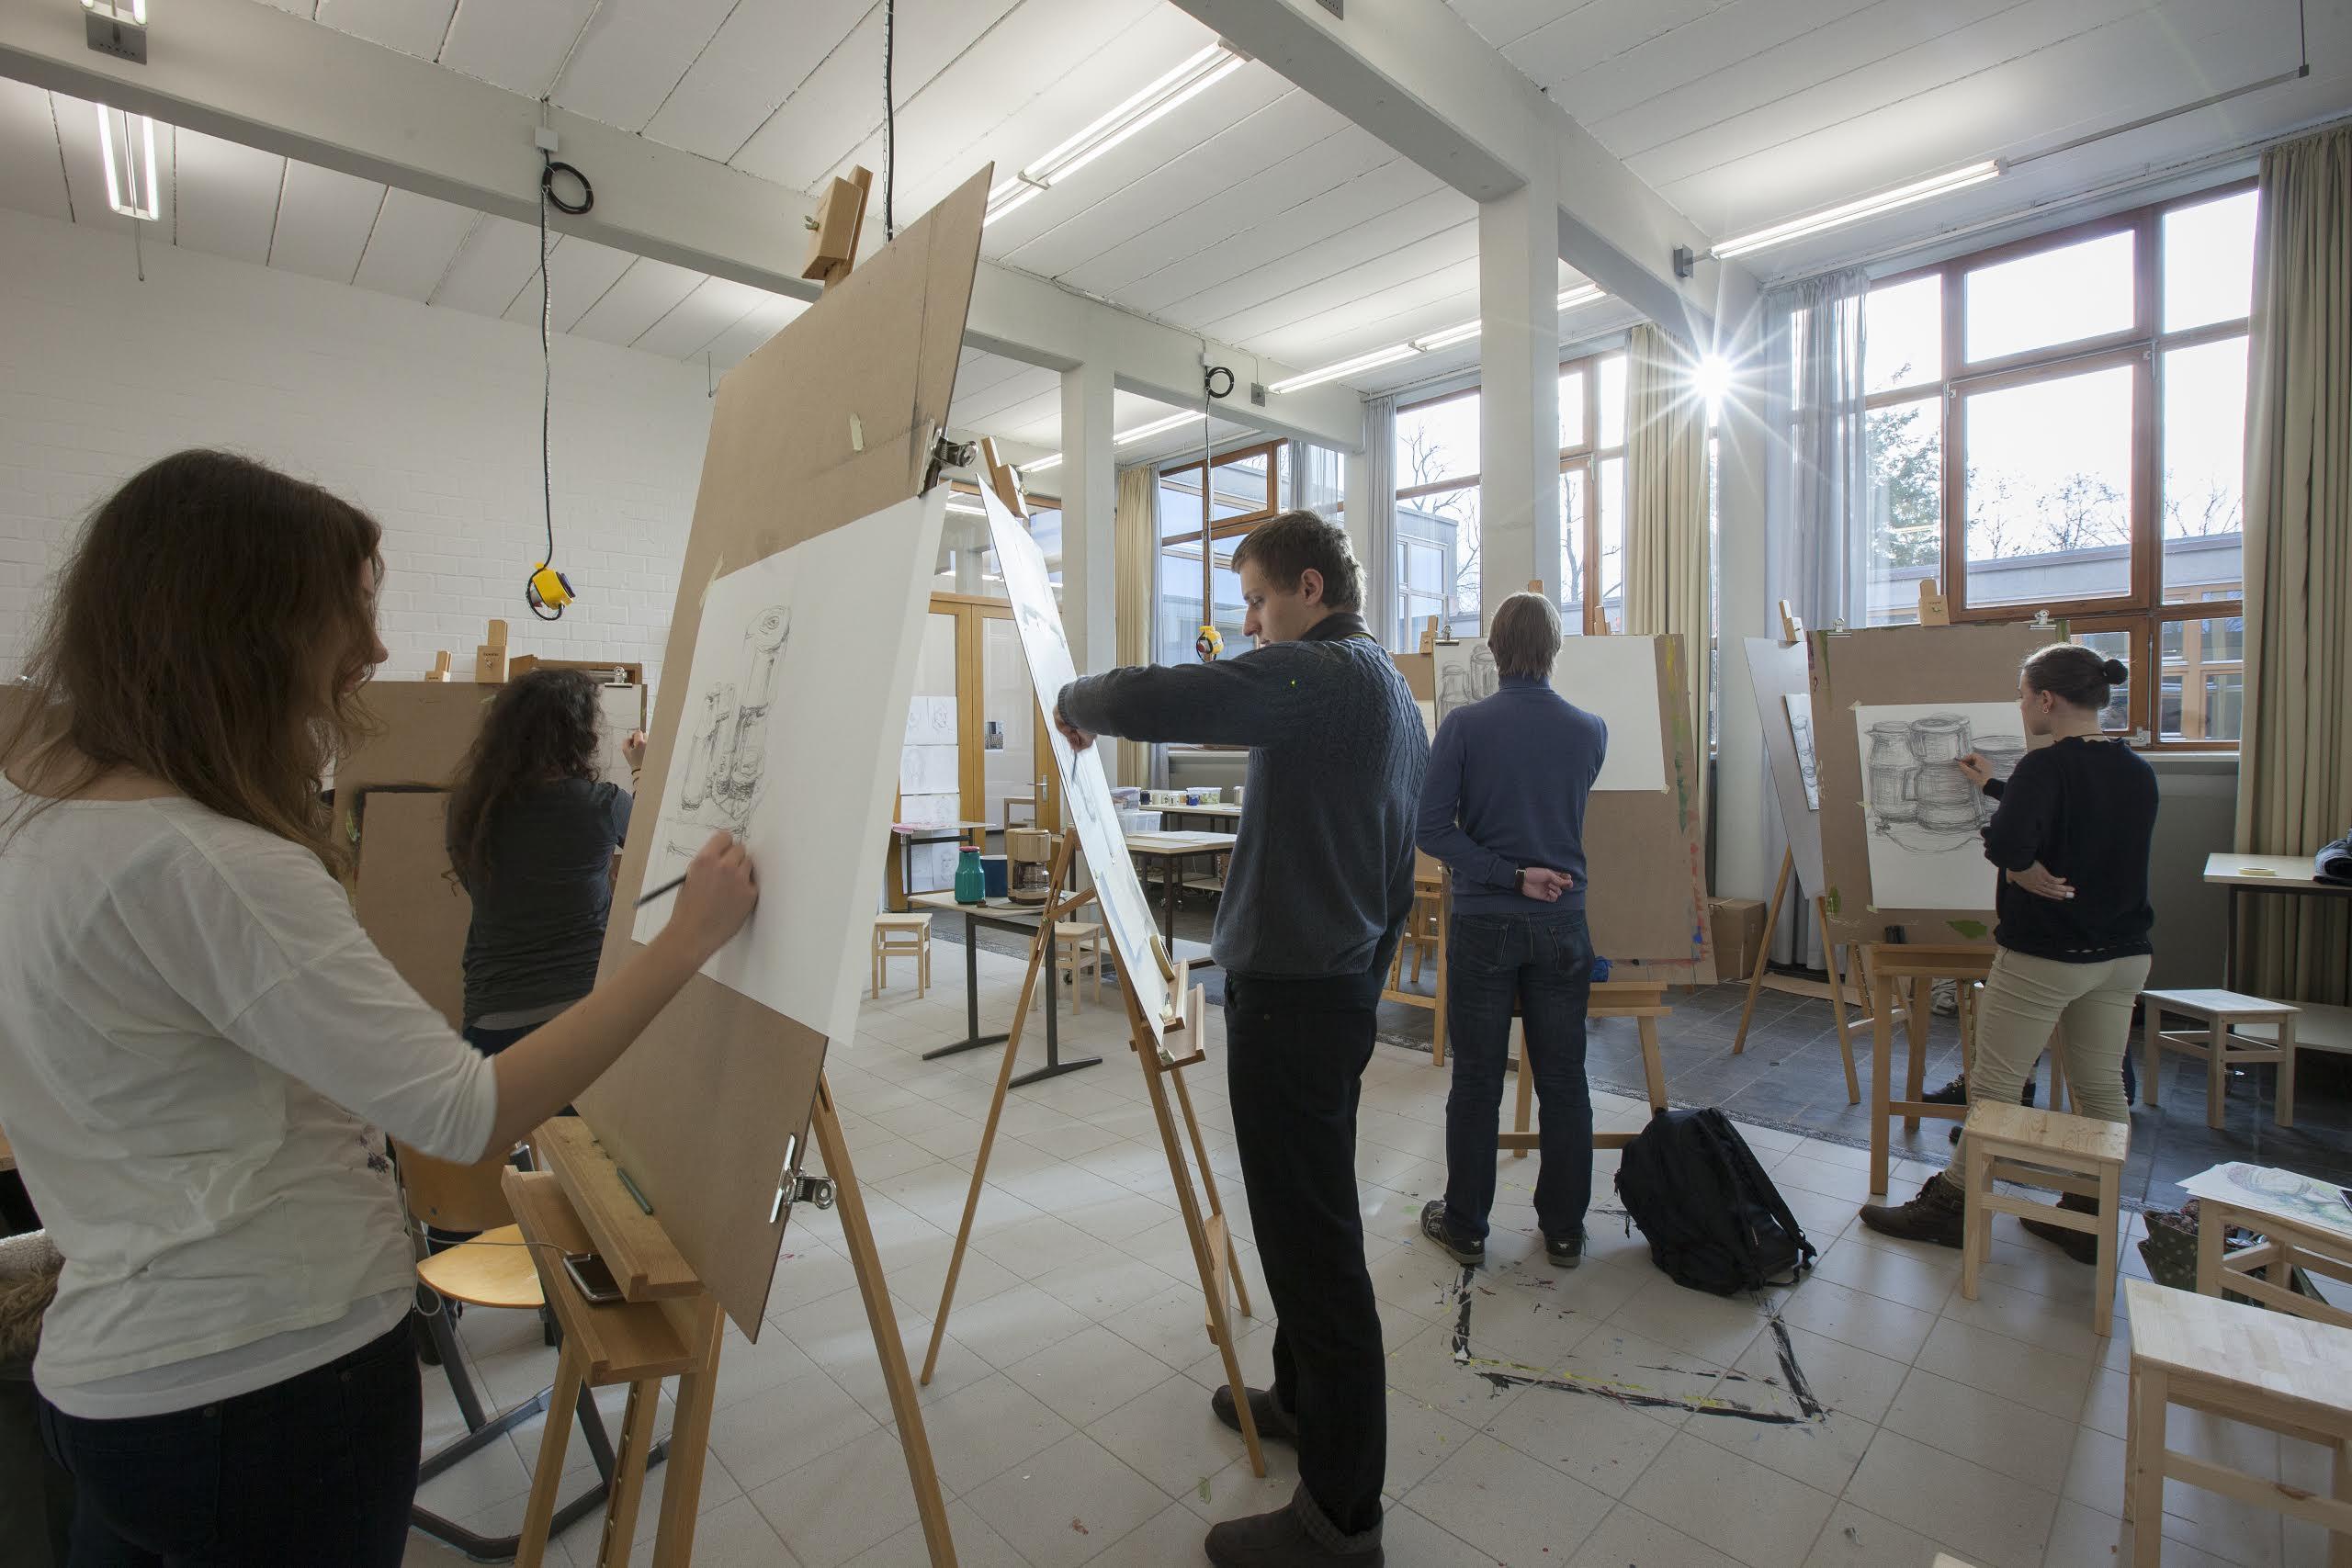 Überlegt springen – Studienkollegs bieten Abiturienten Zeit und Raum zur fachlichen Orientierung